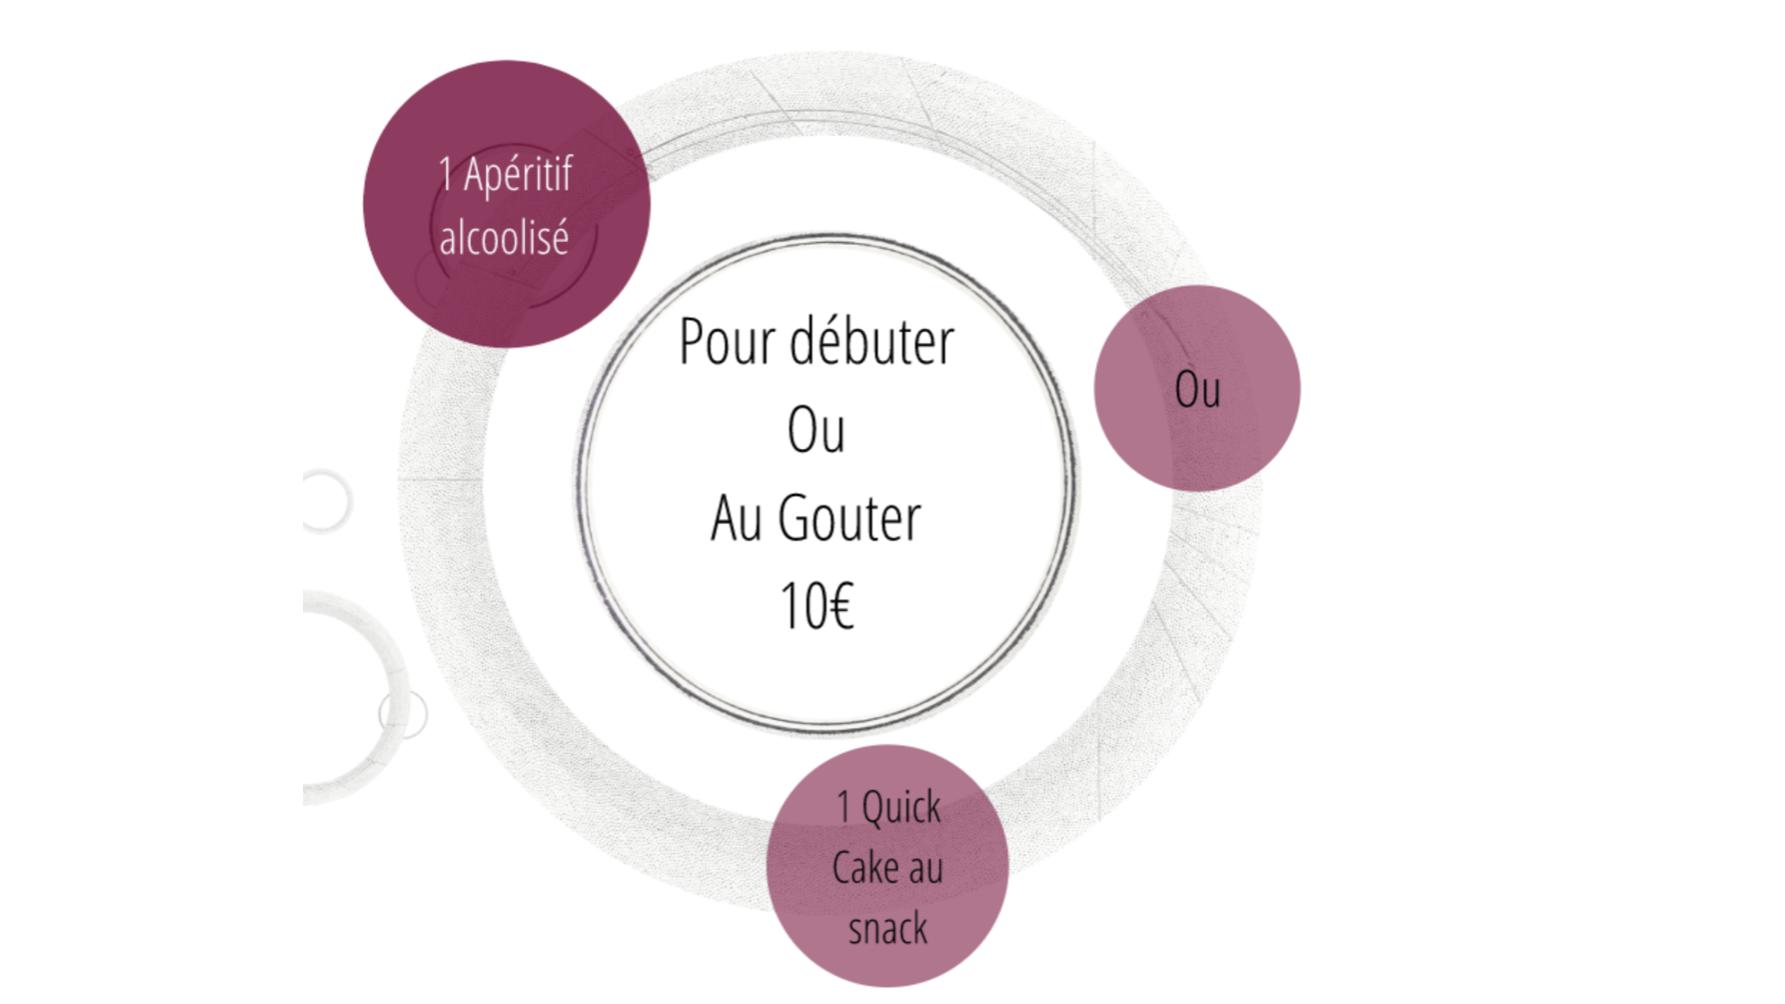 Pour_de_buter_ou_au_gouter_ok-1518437939.png